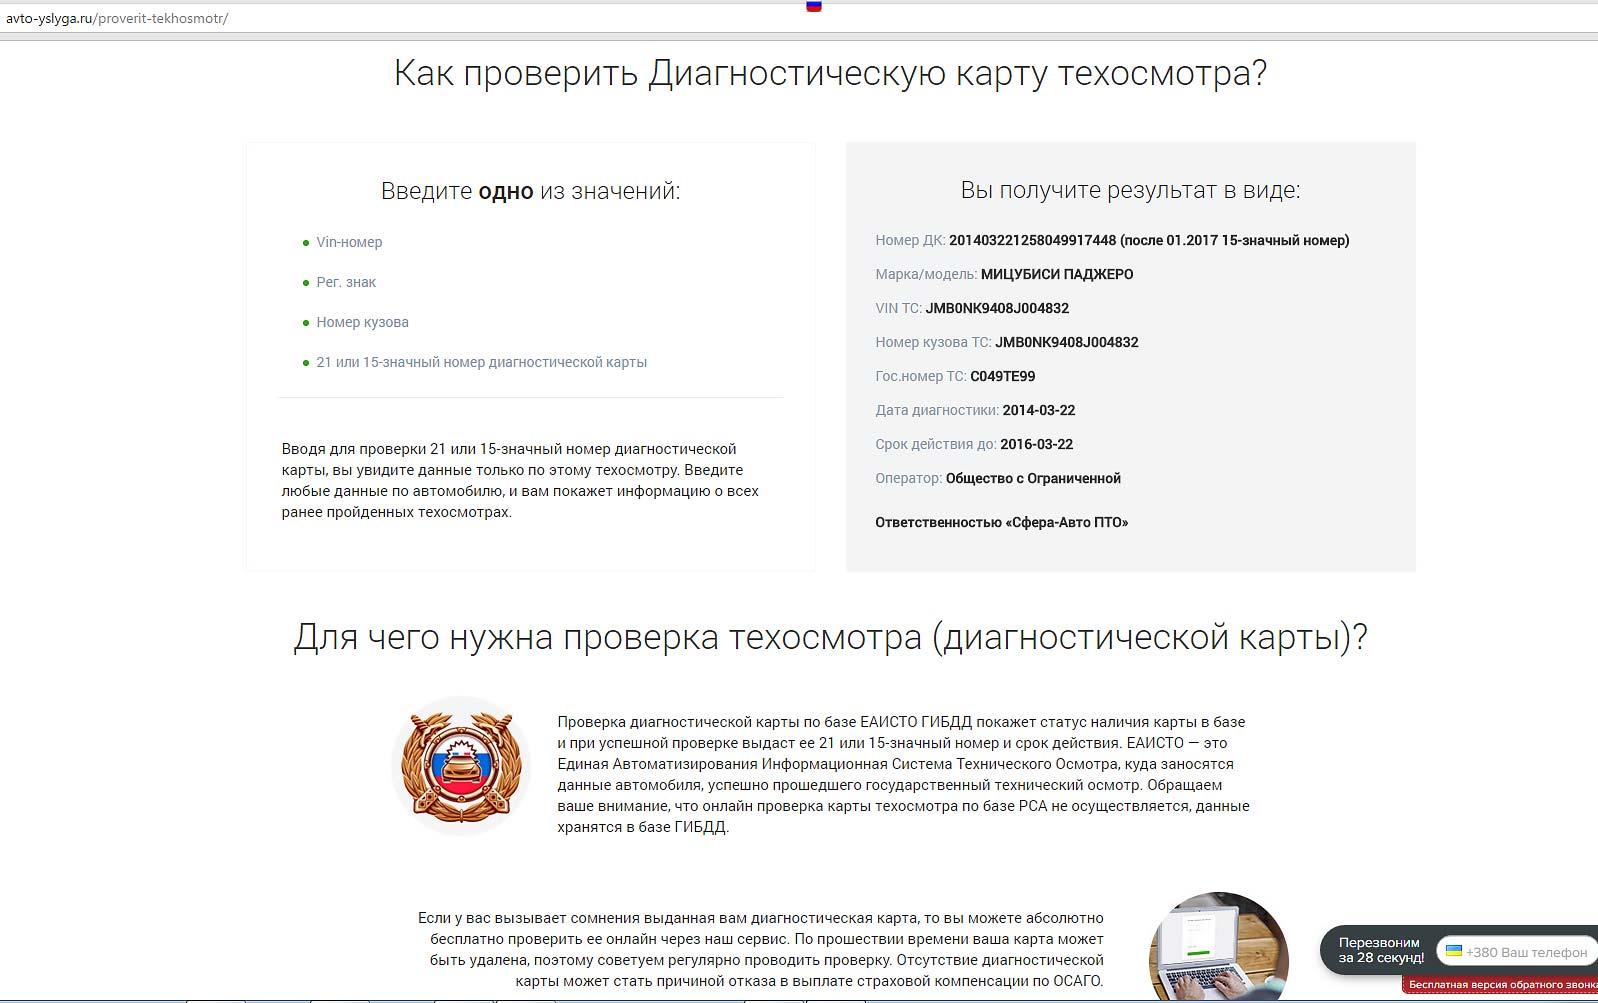 Проверка регистрации иностранных граждан фмс